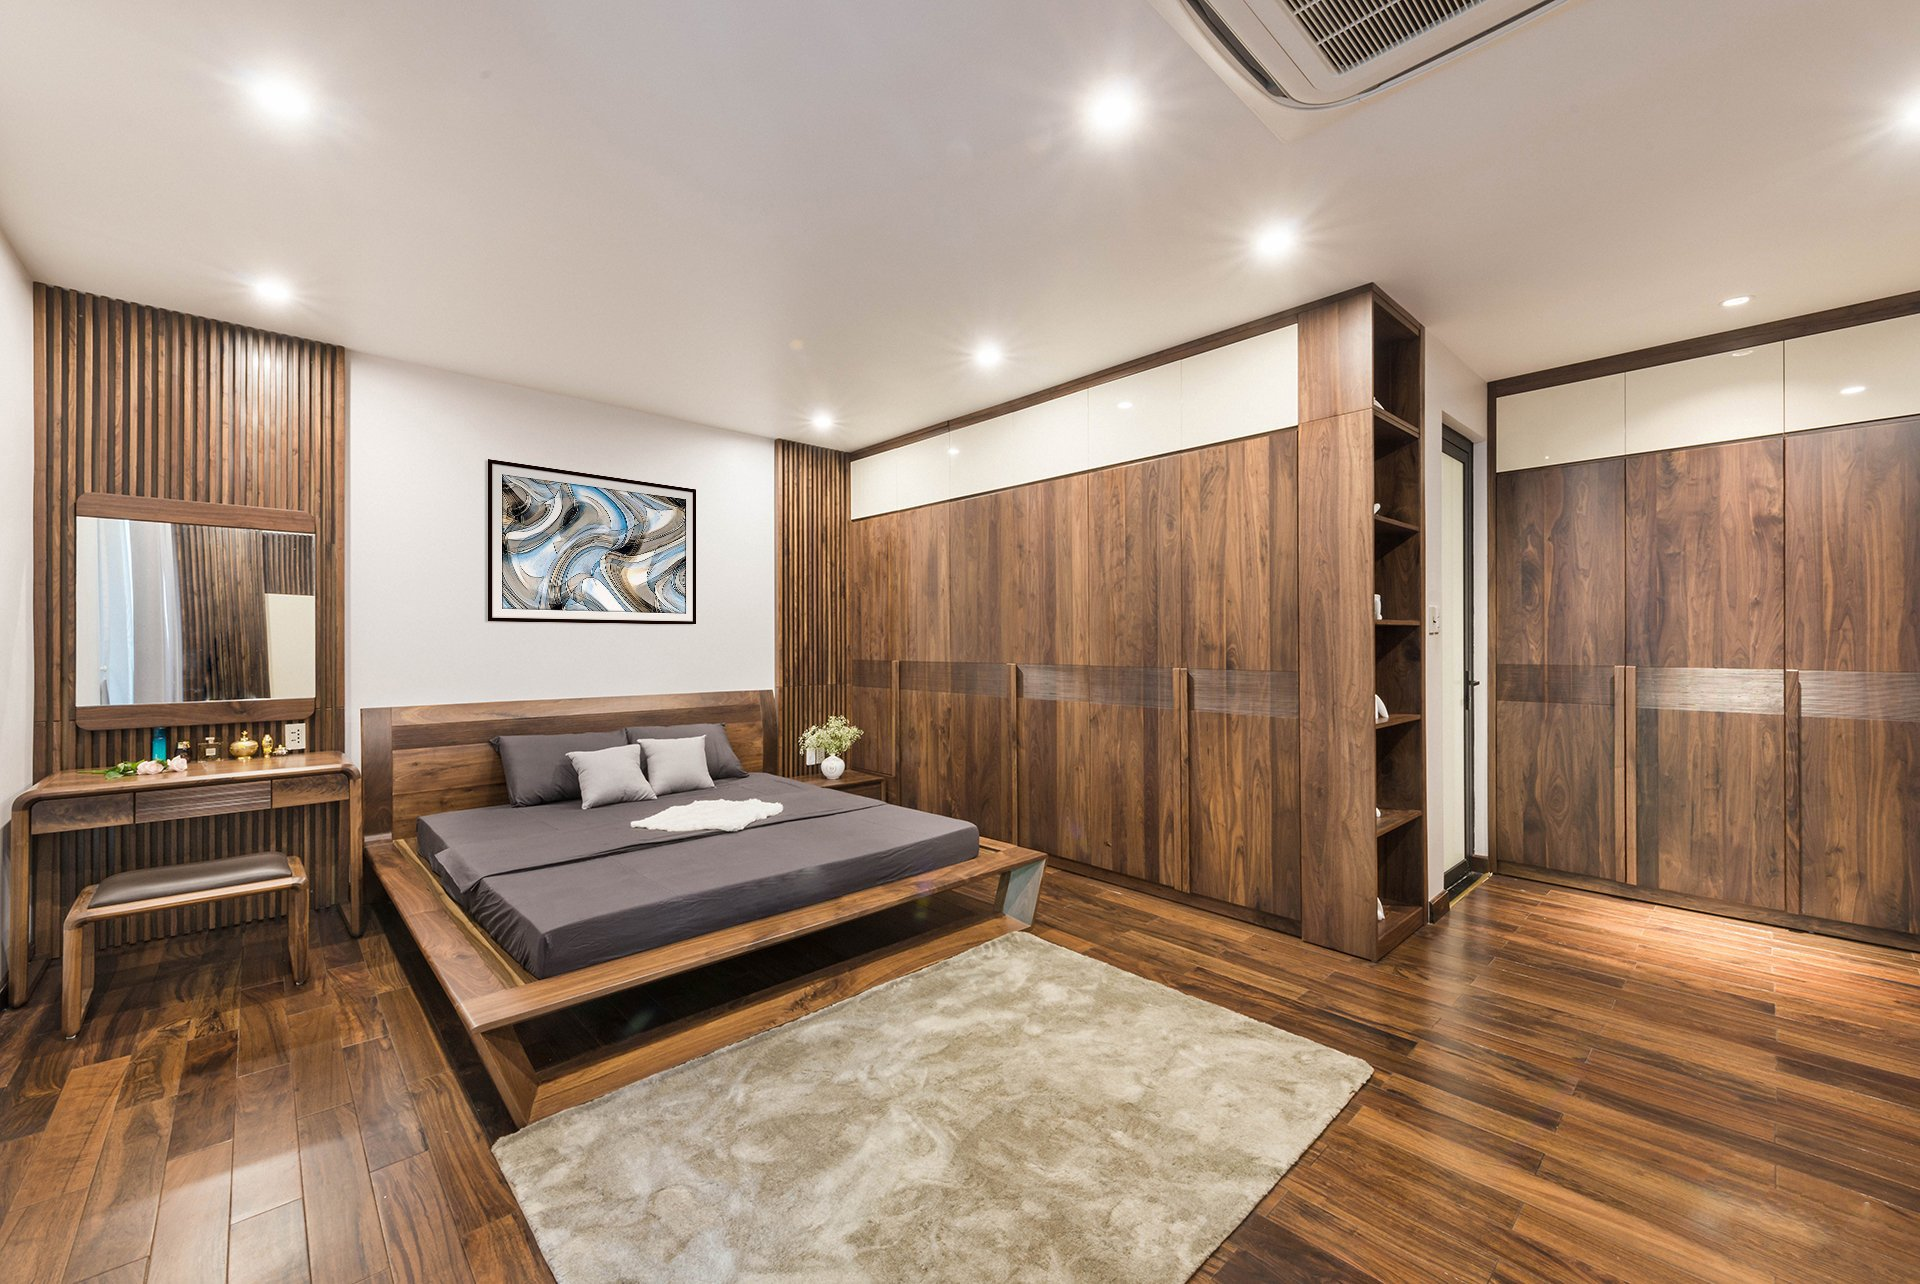 Toàn bộ phòng ngủ sử dụng gỗ tự nhiên óc chó và cách bố trí đẹp, đẳng cấp